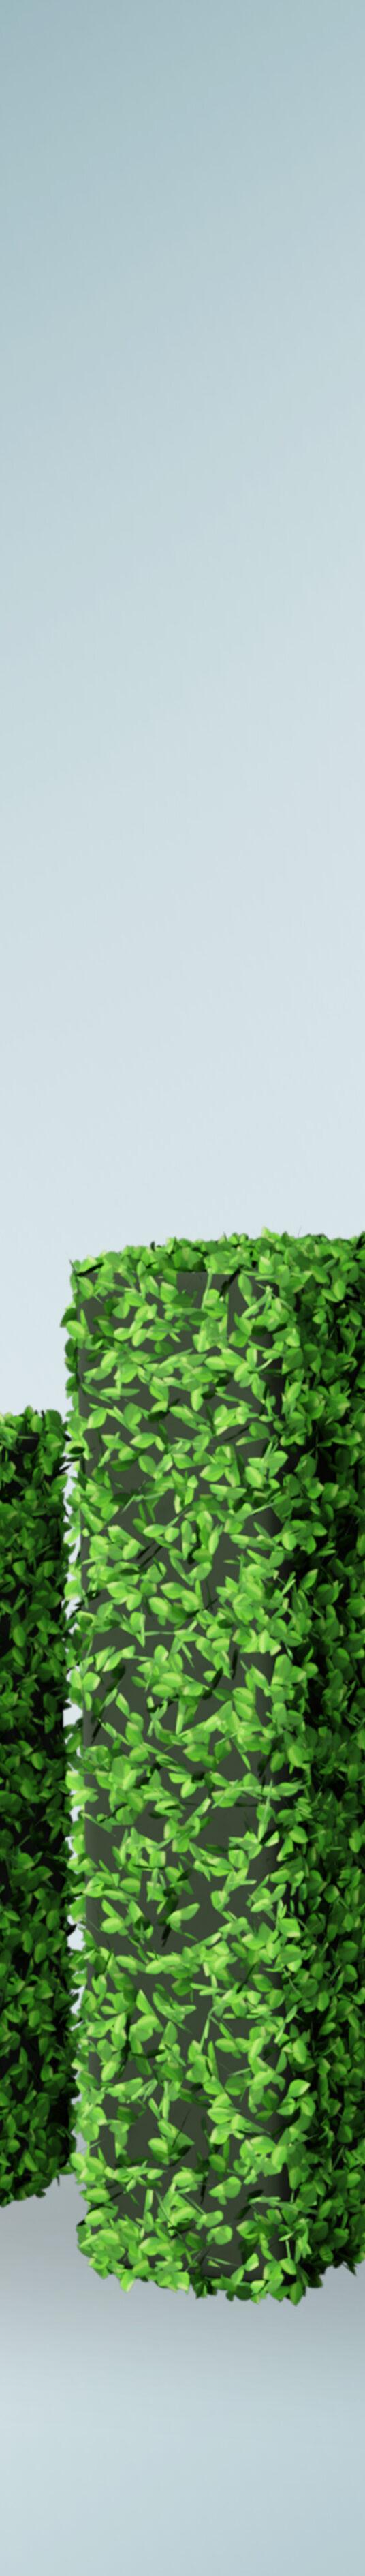 CSR - vejen til bedre resultater